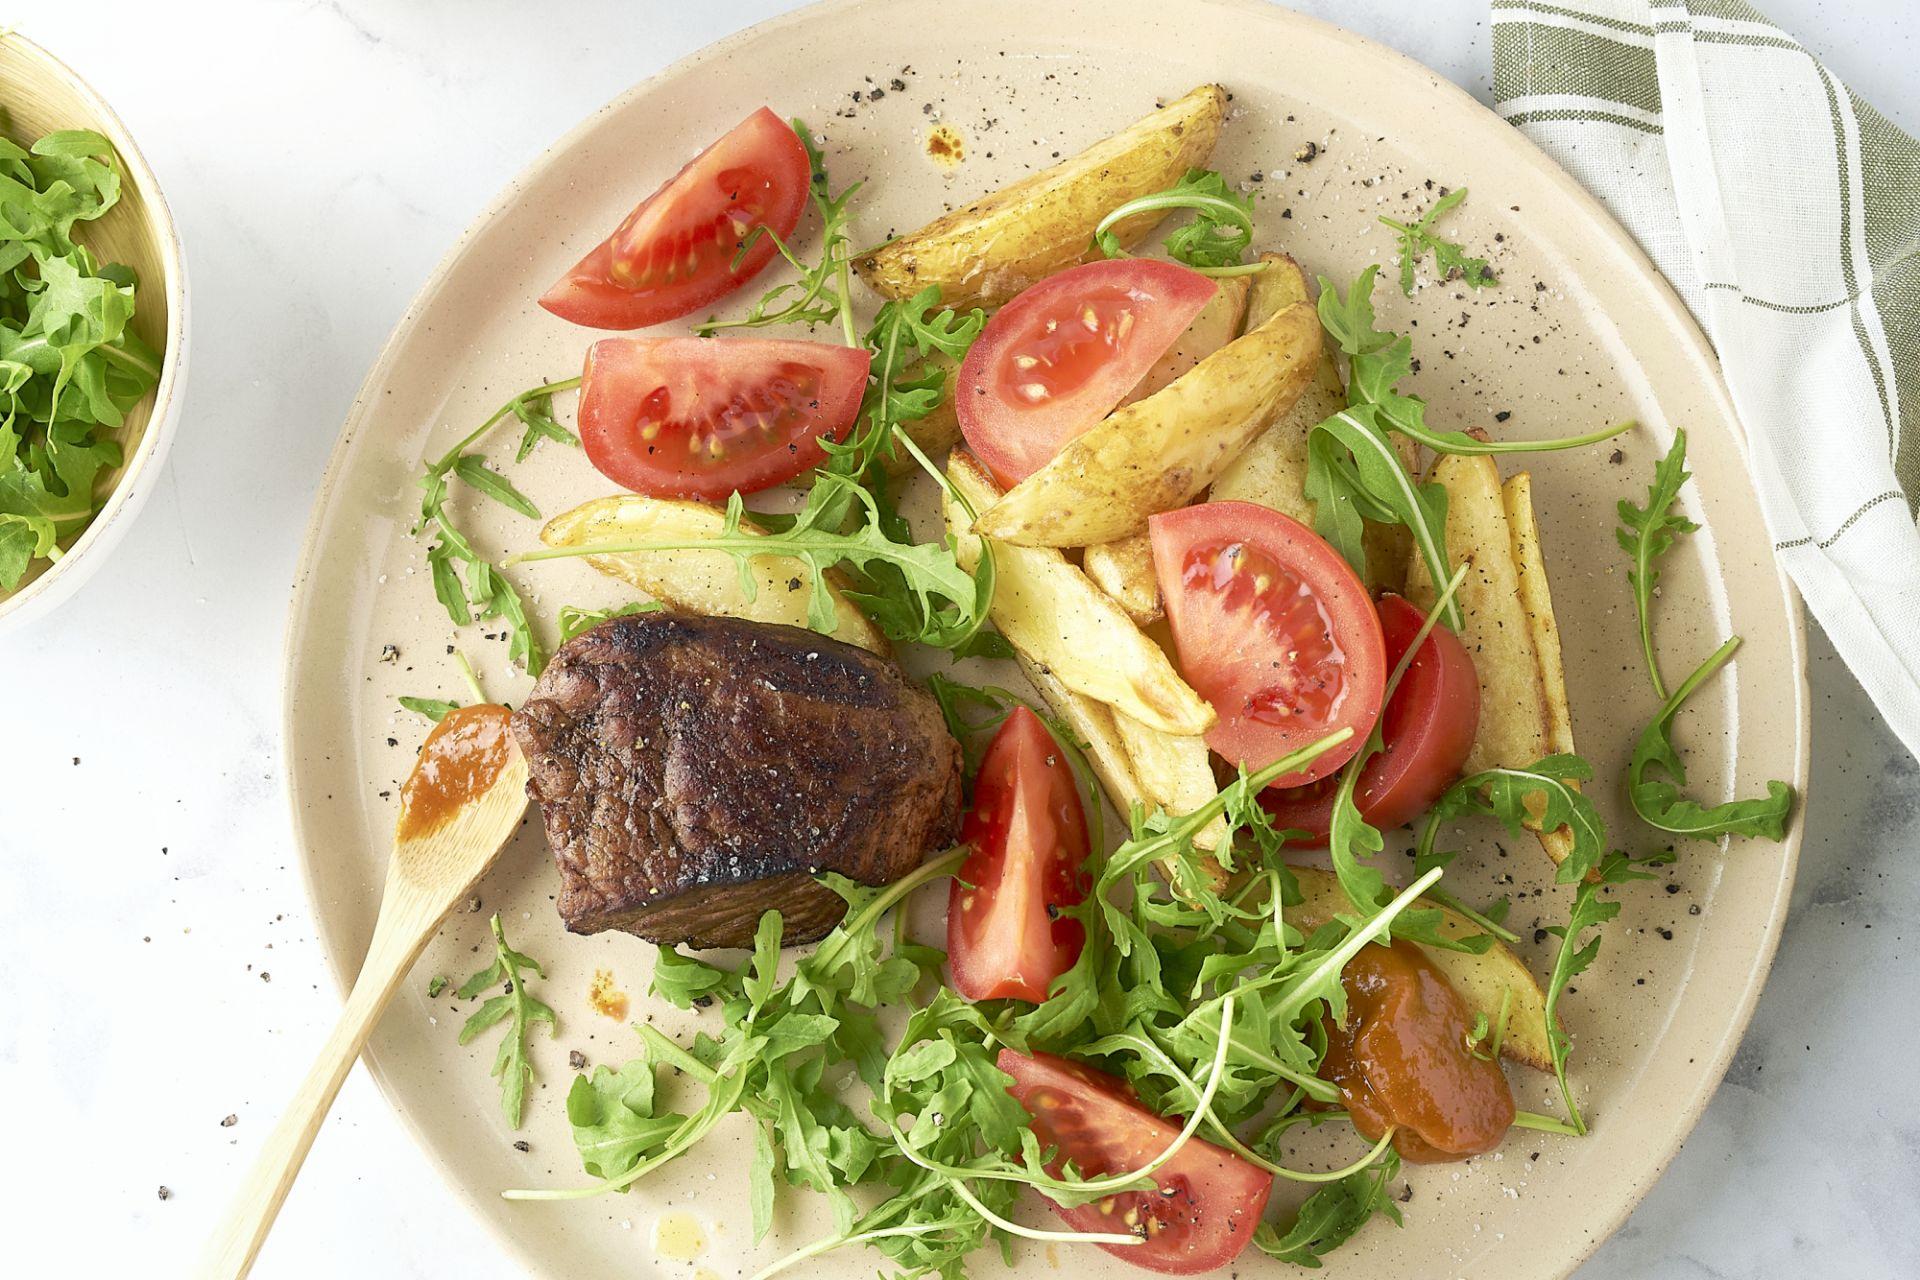 Steak met barbecuesaus, ovenfrietjes en salade